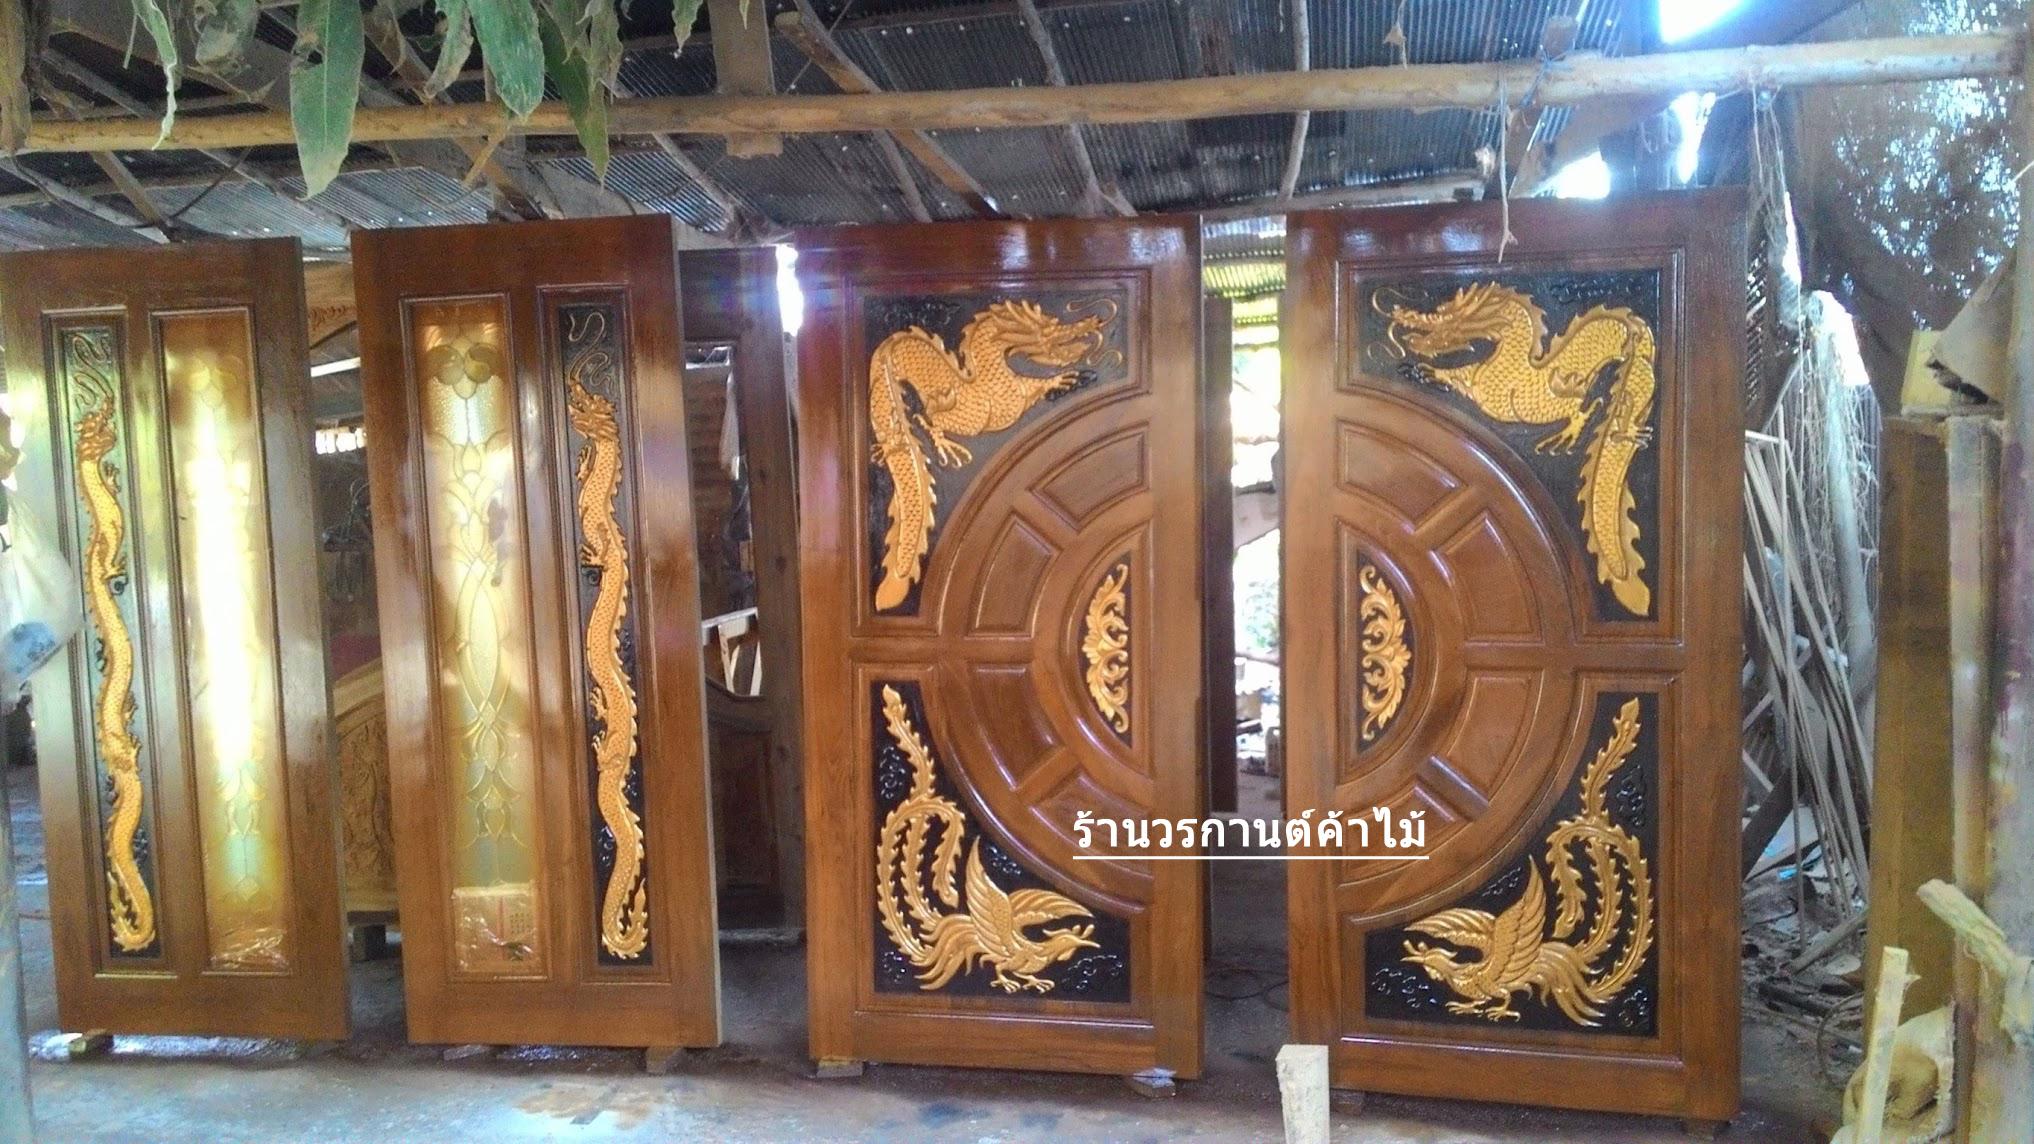 ประตูไม้สักบานคู่ แกะหงส์มังกร ชุด 4ชิ้น เกรด A รหัส AAA60